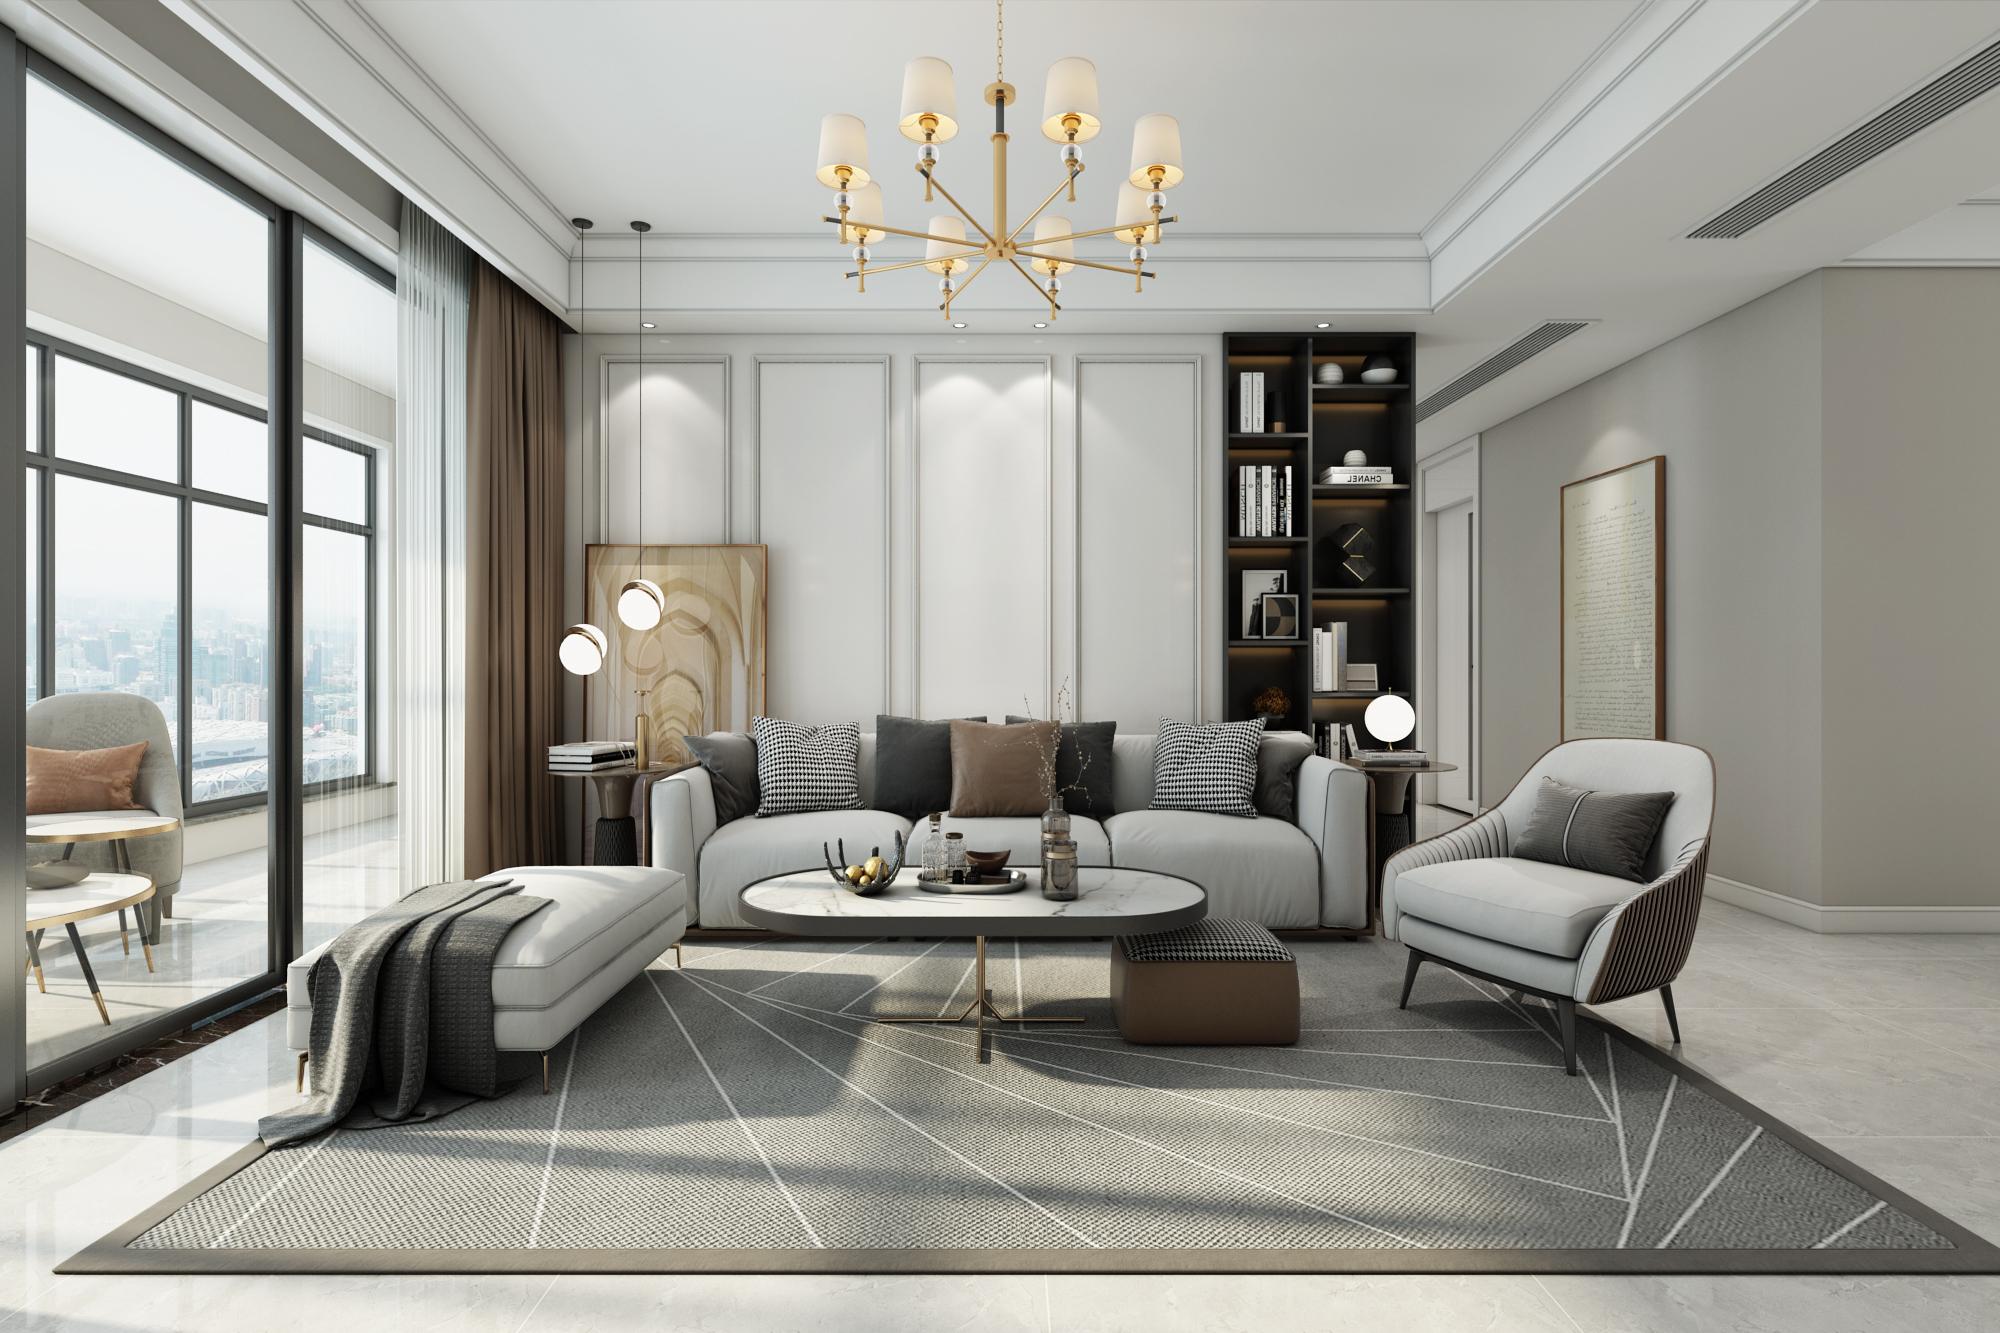 2021装修房子流行哪种风格?现代轻奢风格造型特点介绍